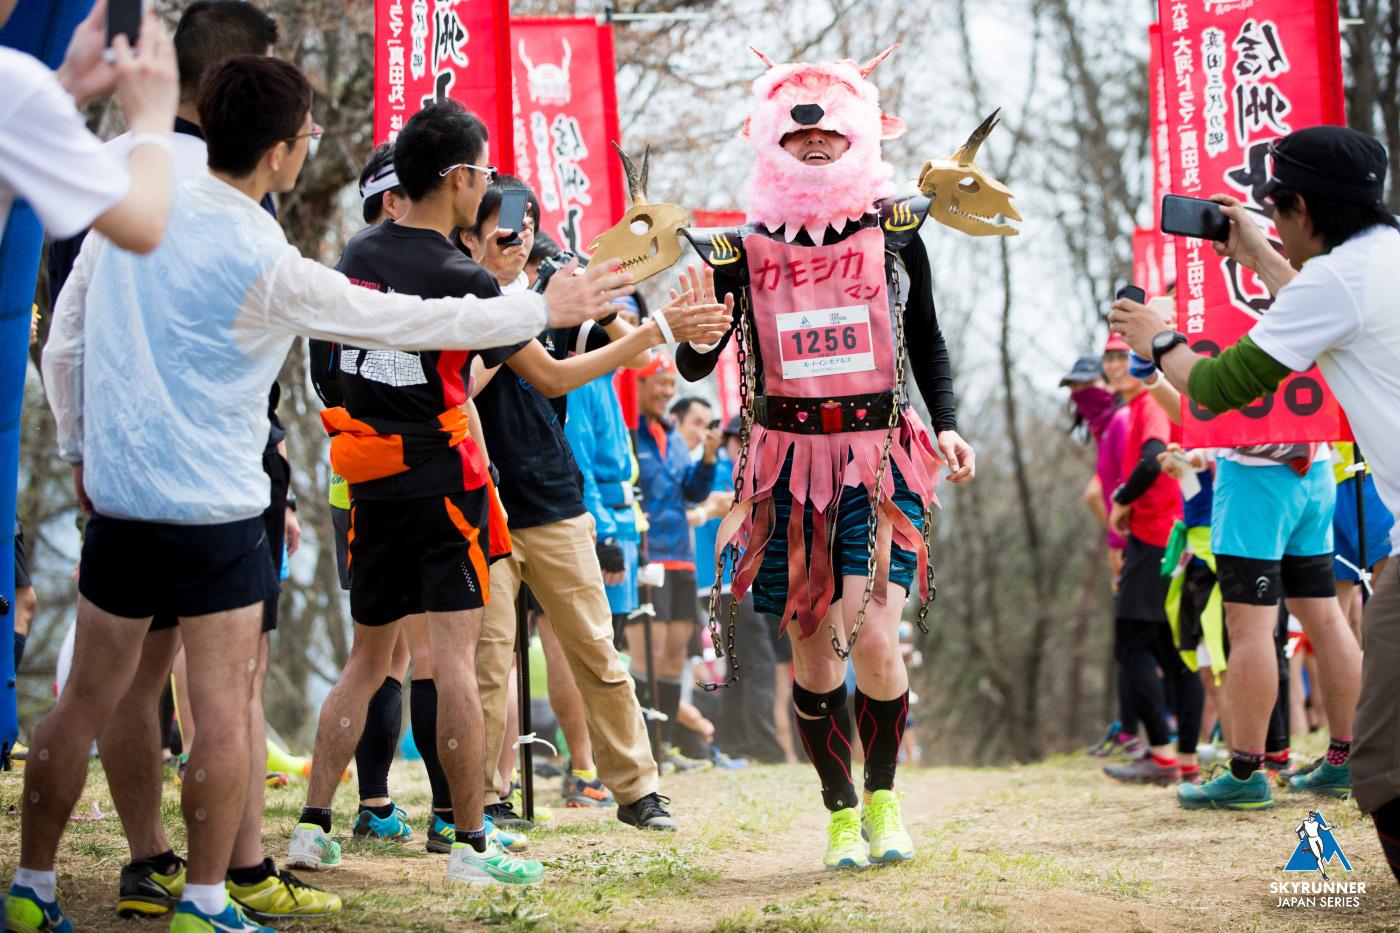 バーティカルでは仮装大歓迎!スカイランニングは誰もが楽しめるスポーツとなるべきだ ?UEDA VERTICAL RACE